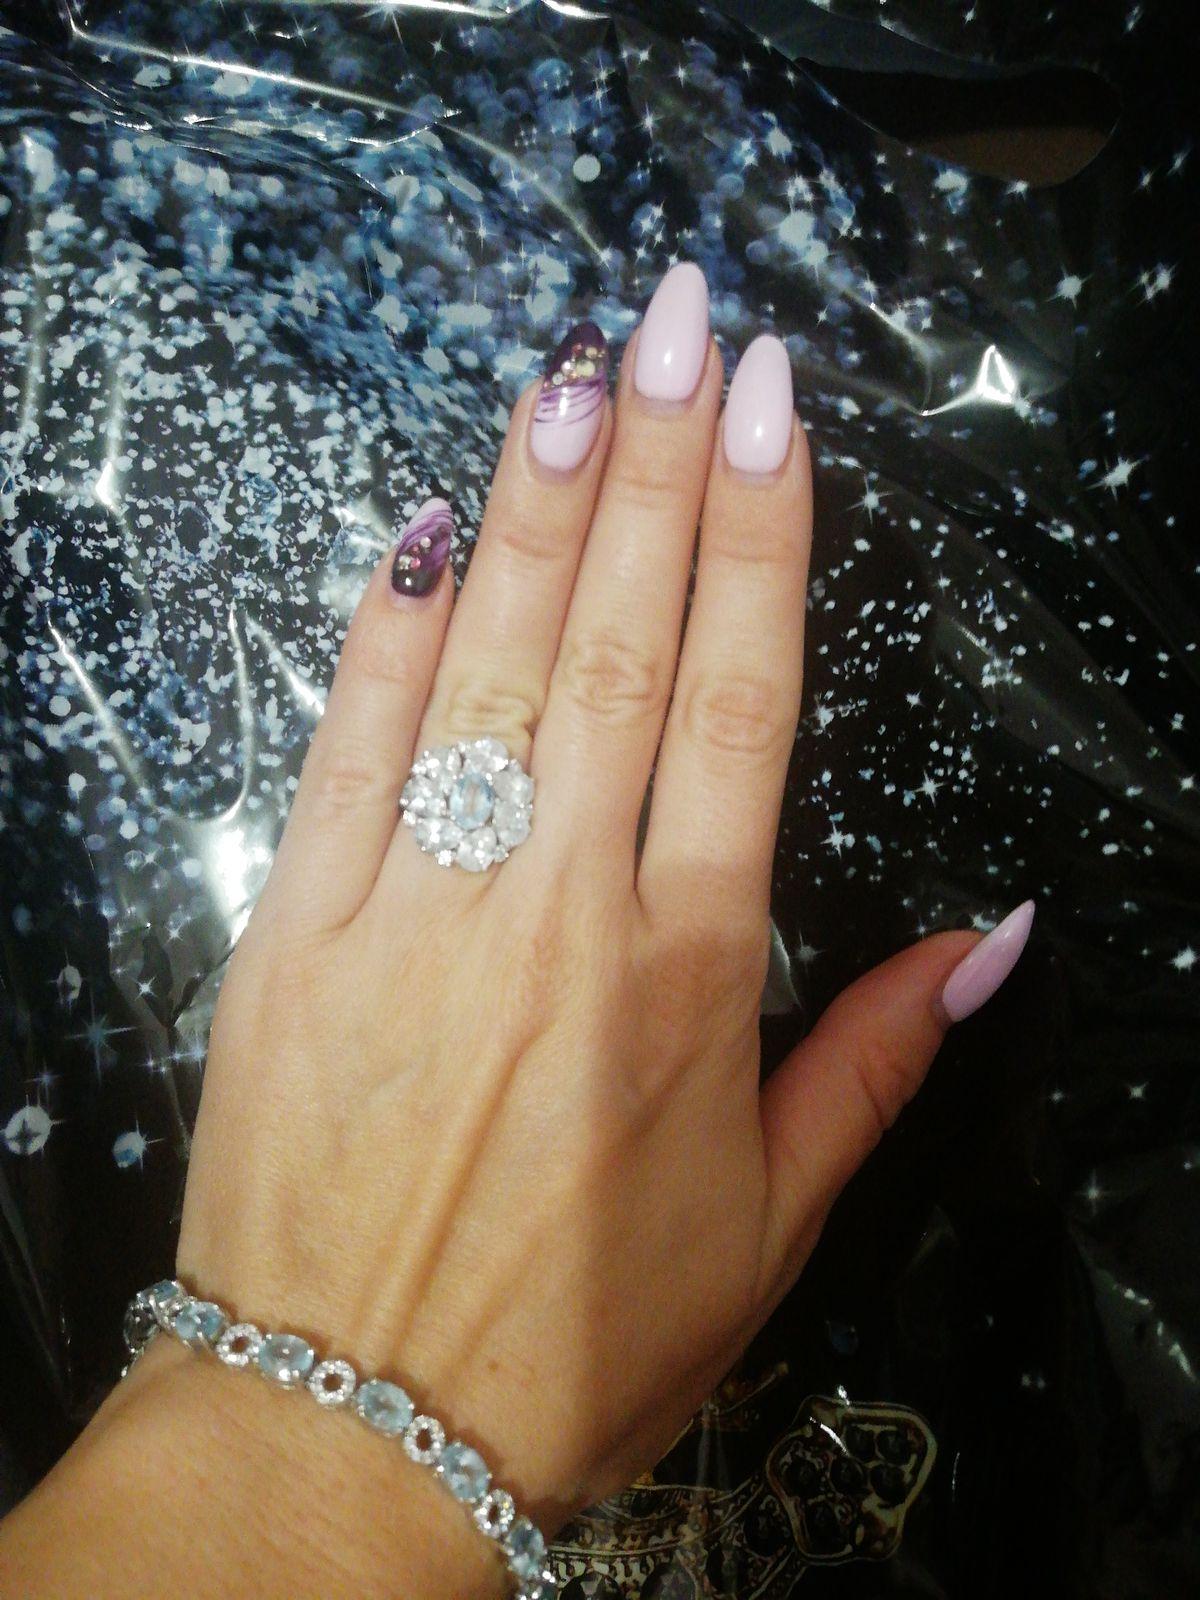 Отличное кольцо 💍, очень красиво переливается на солнце, эффектно выглядит